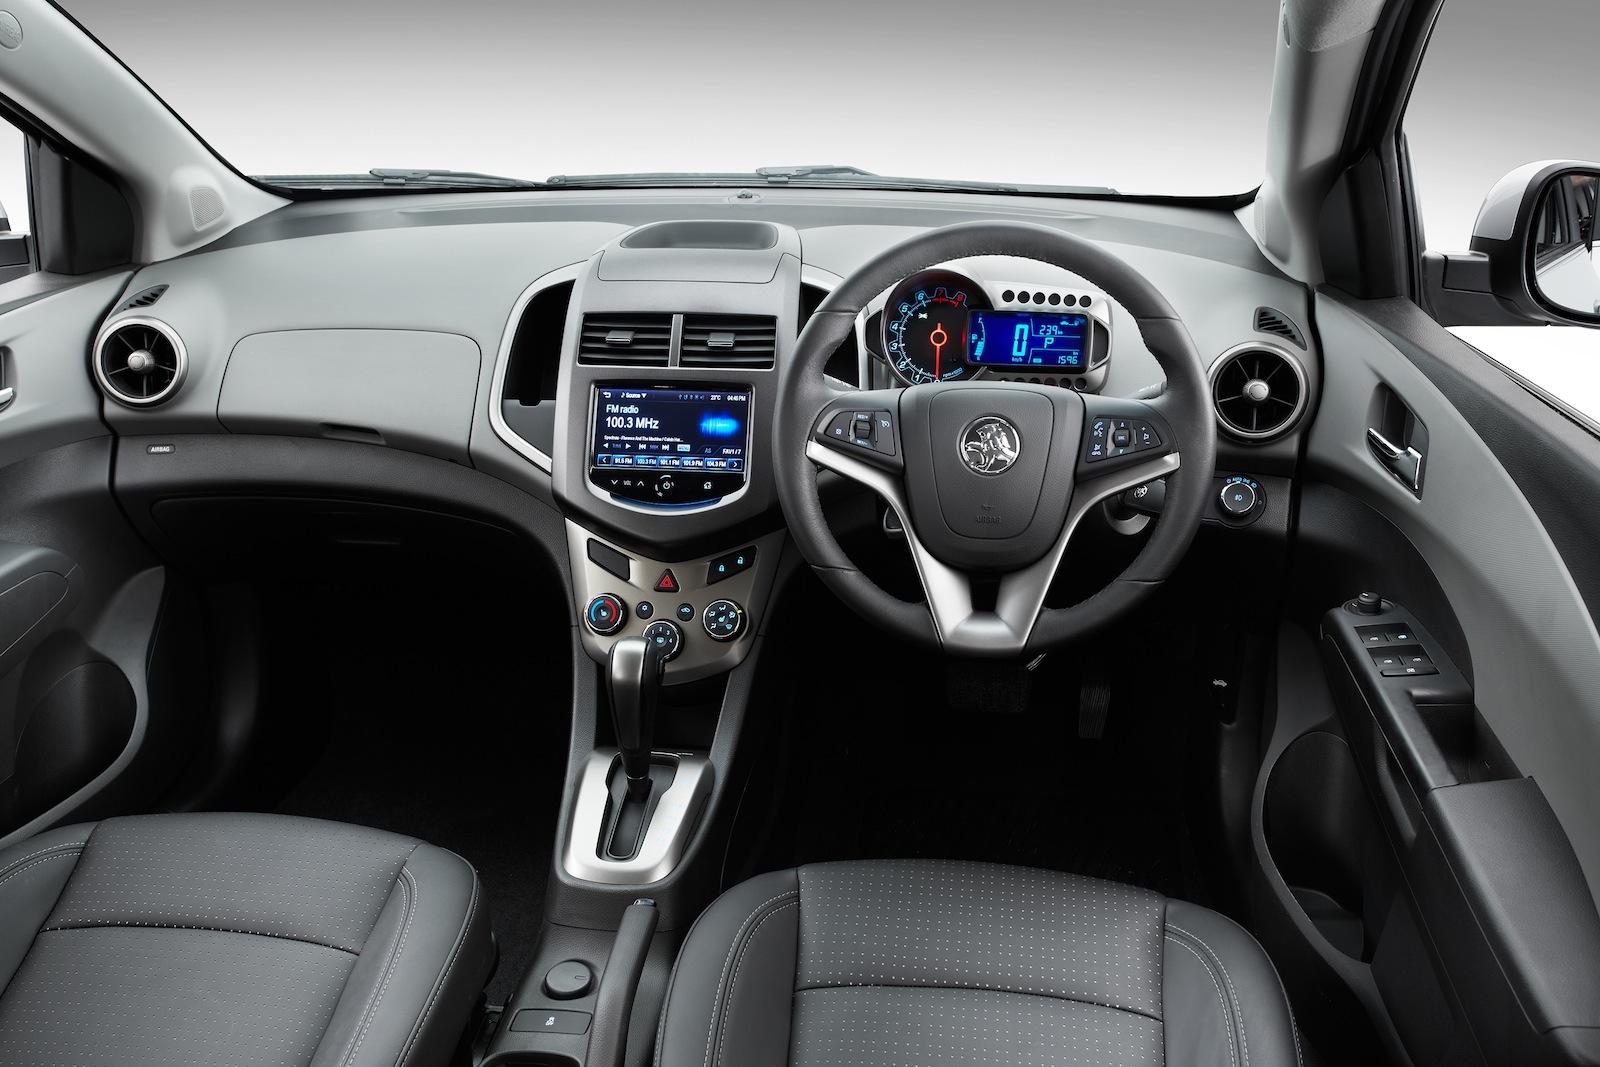 2013 Holden Barina Cdx Review Photos Caradvice